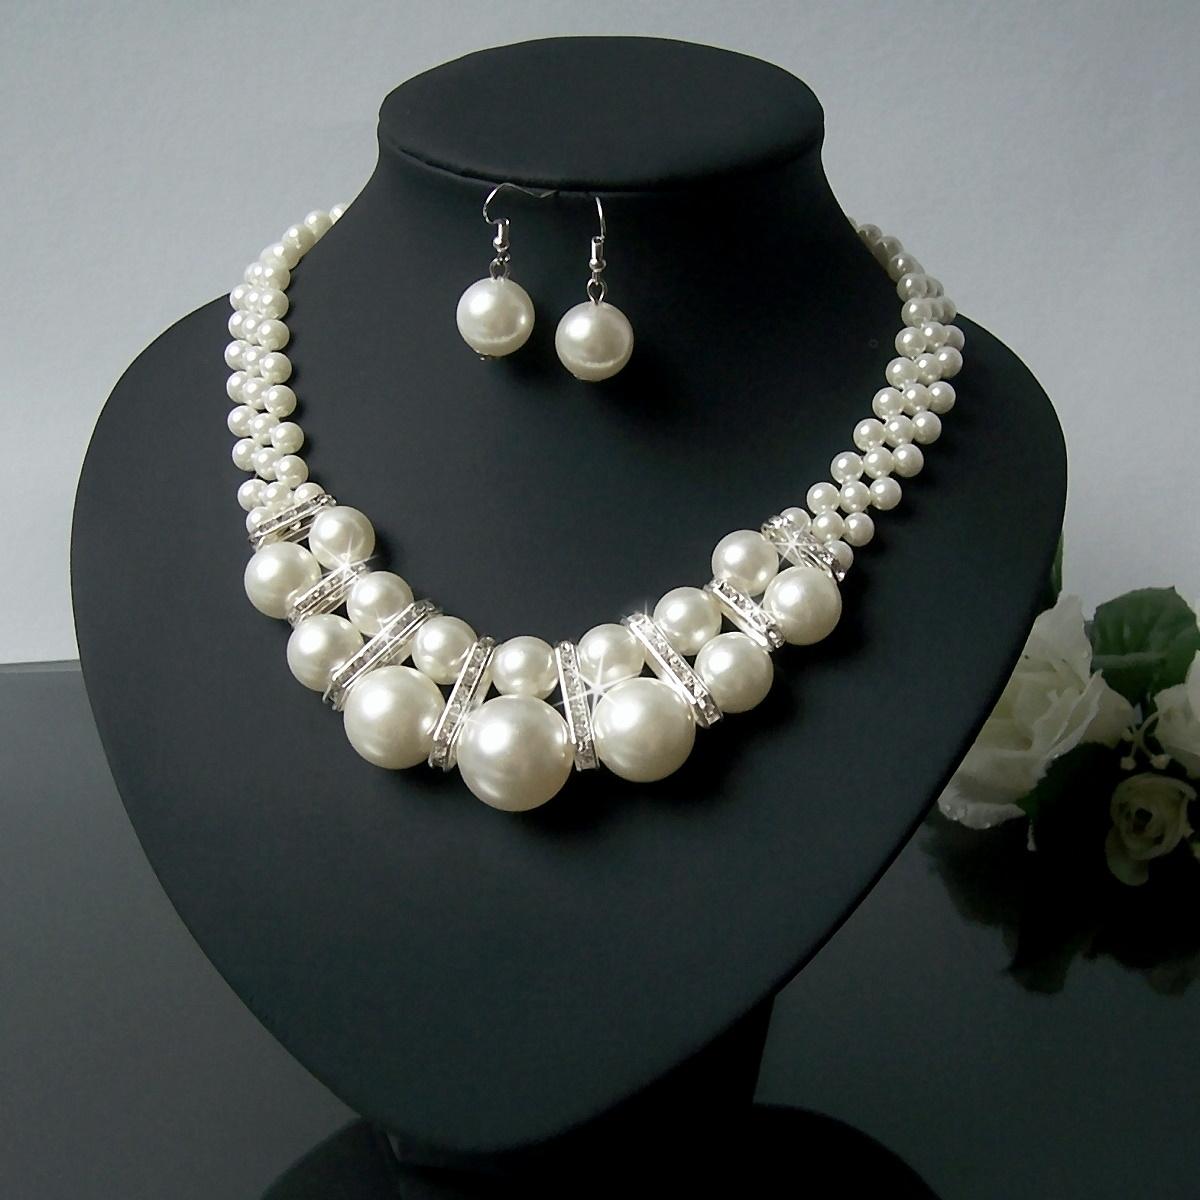 S1049# Statement Perlencollier Kette Halskette Perlen Ohringe cream